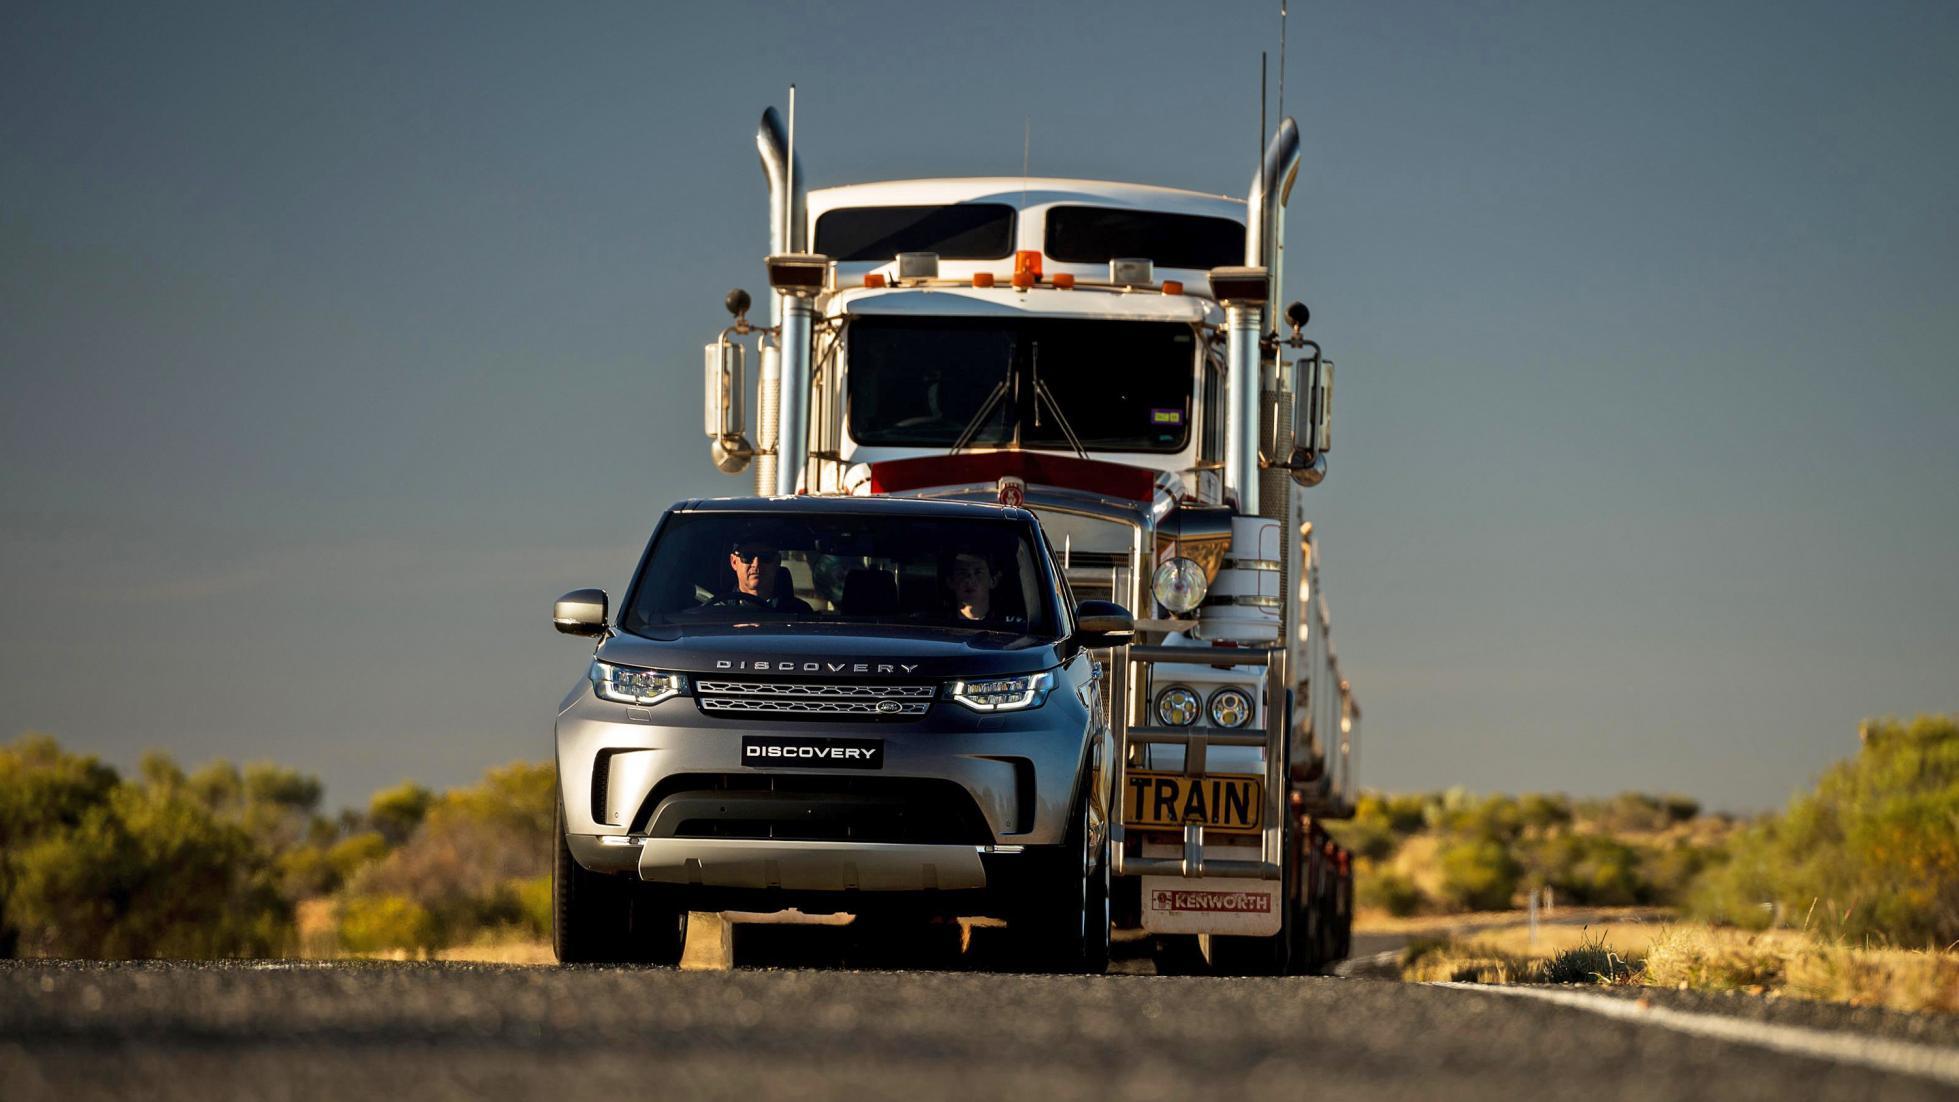 Land Rover Discovery reboca caminhao australia 2017